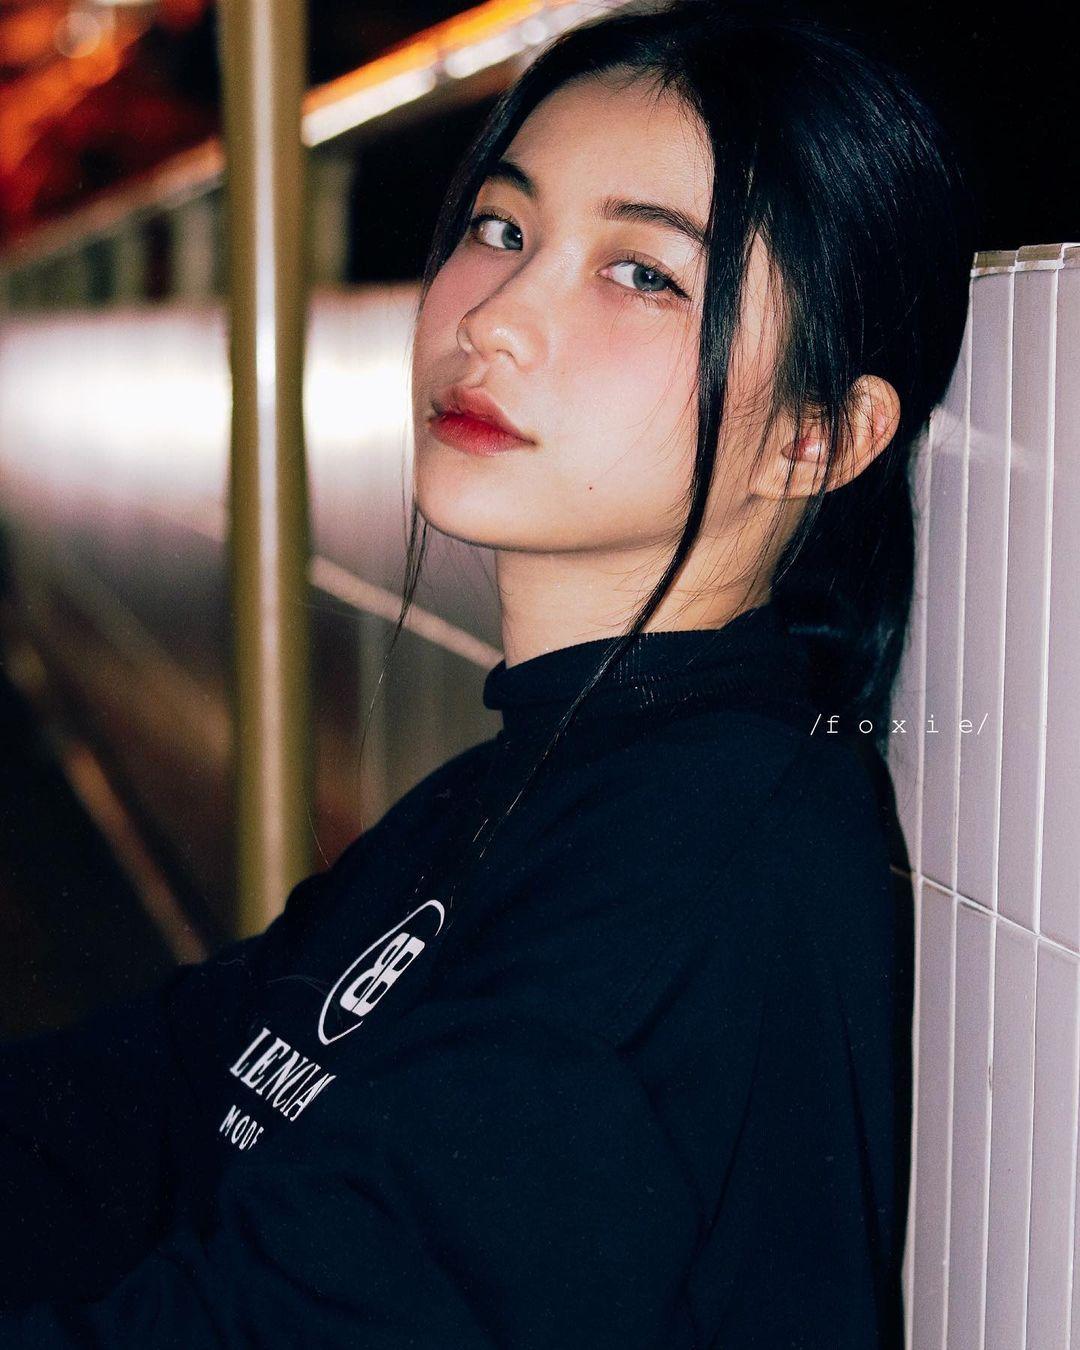 天菜越南妹「Kim Anh」迷蒙眼神仿佛随时在放电空灵气质更是无比疗愈人心 养眼图片 第3张